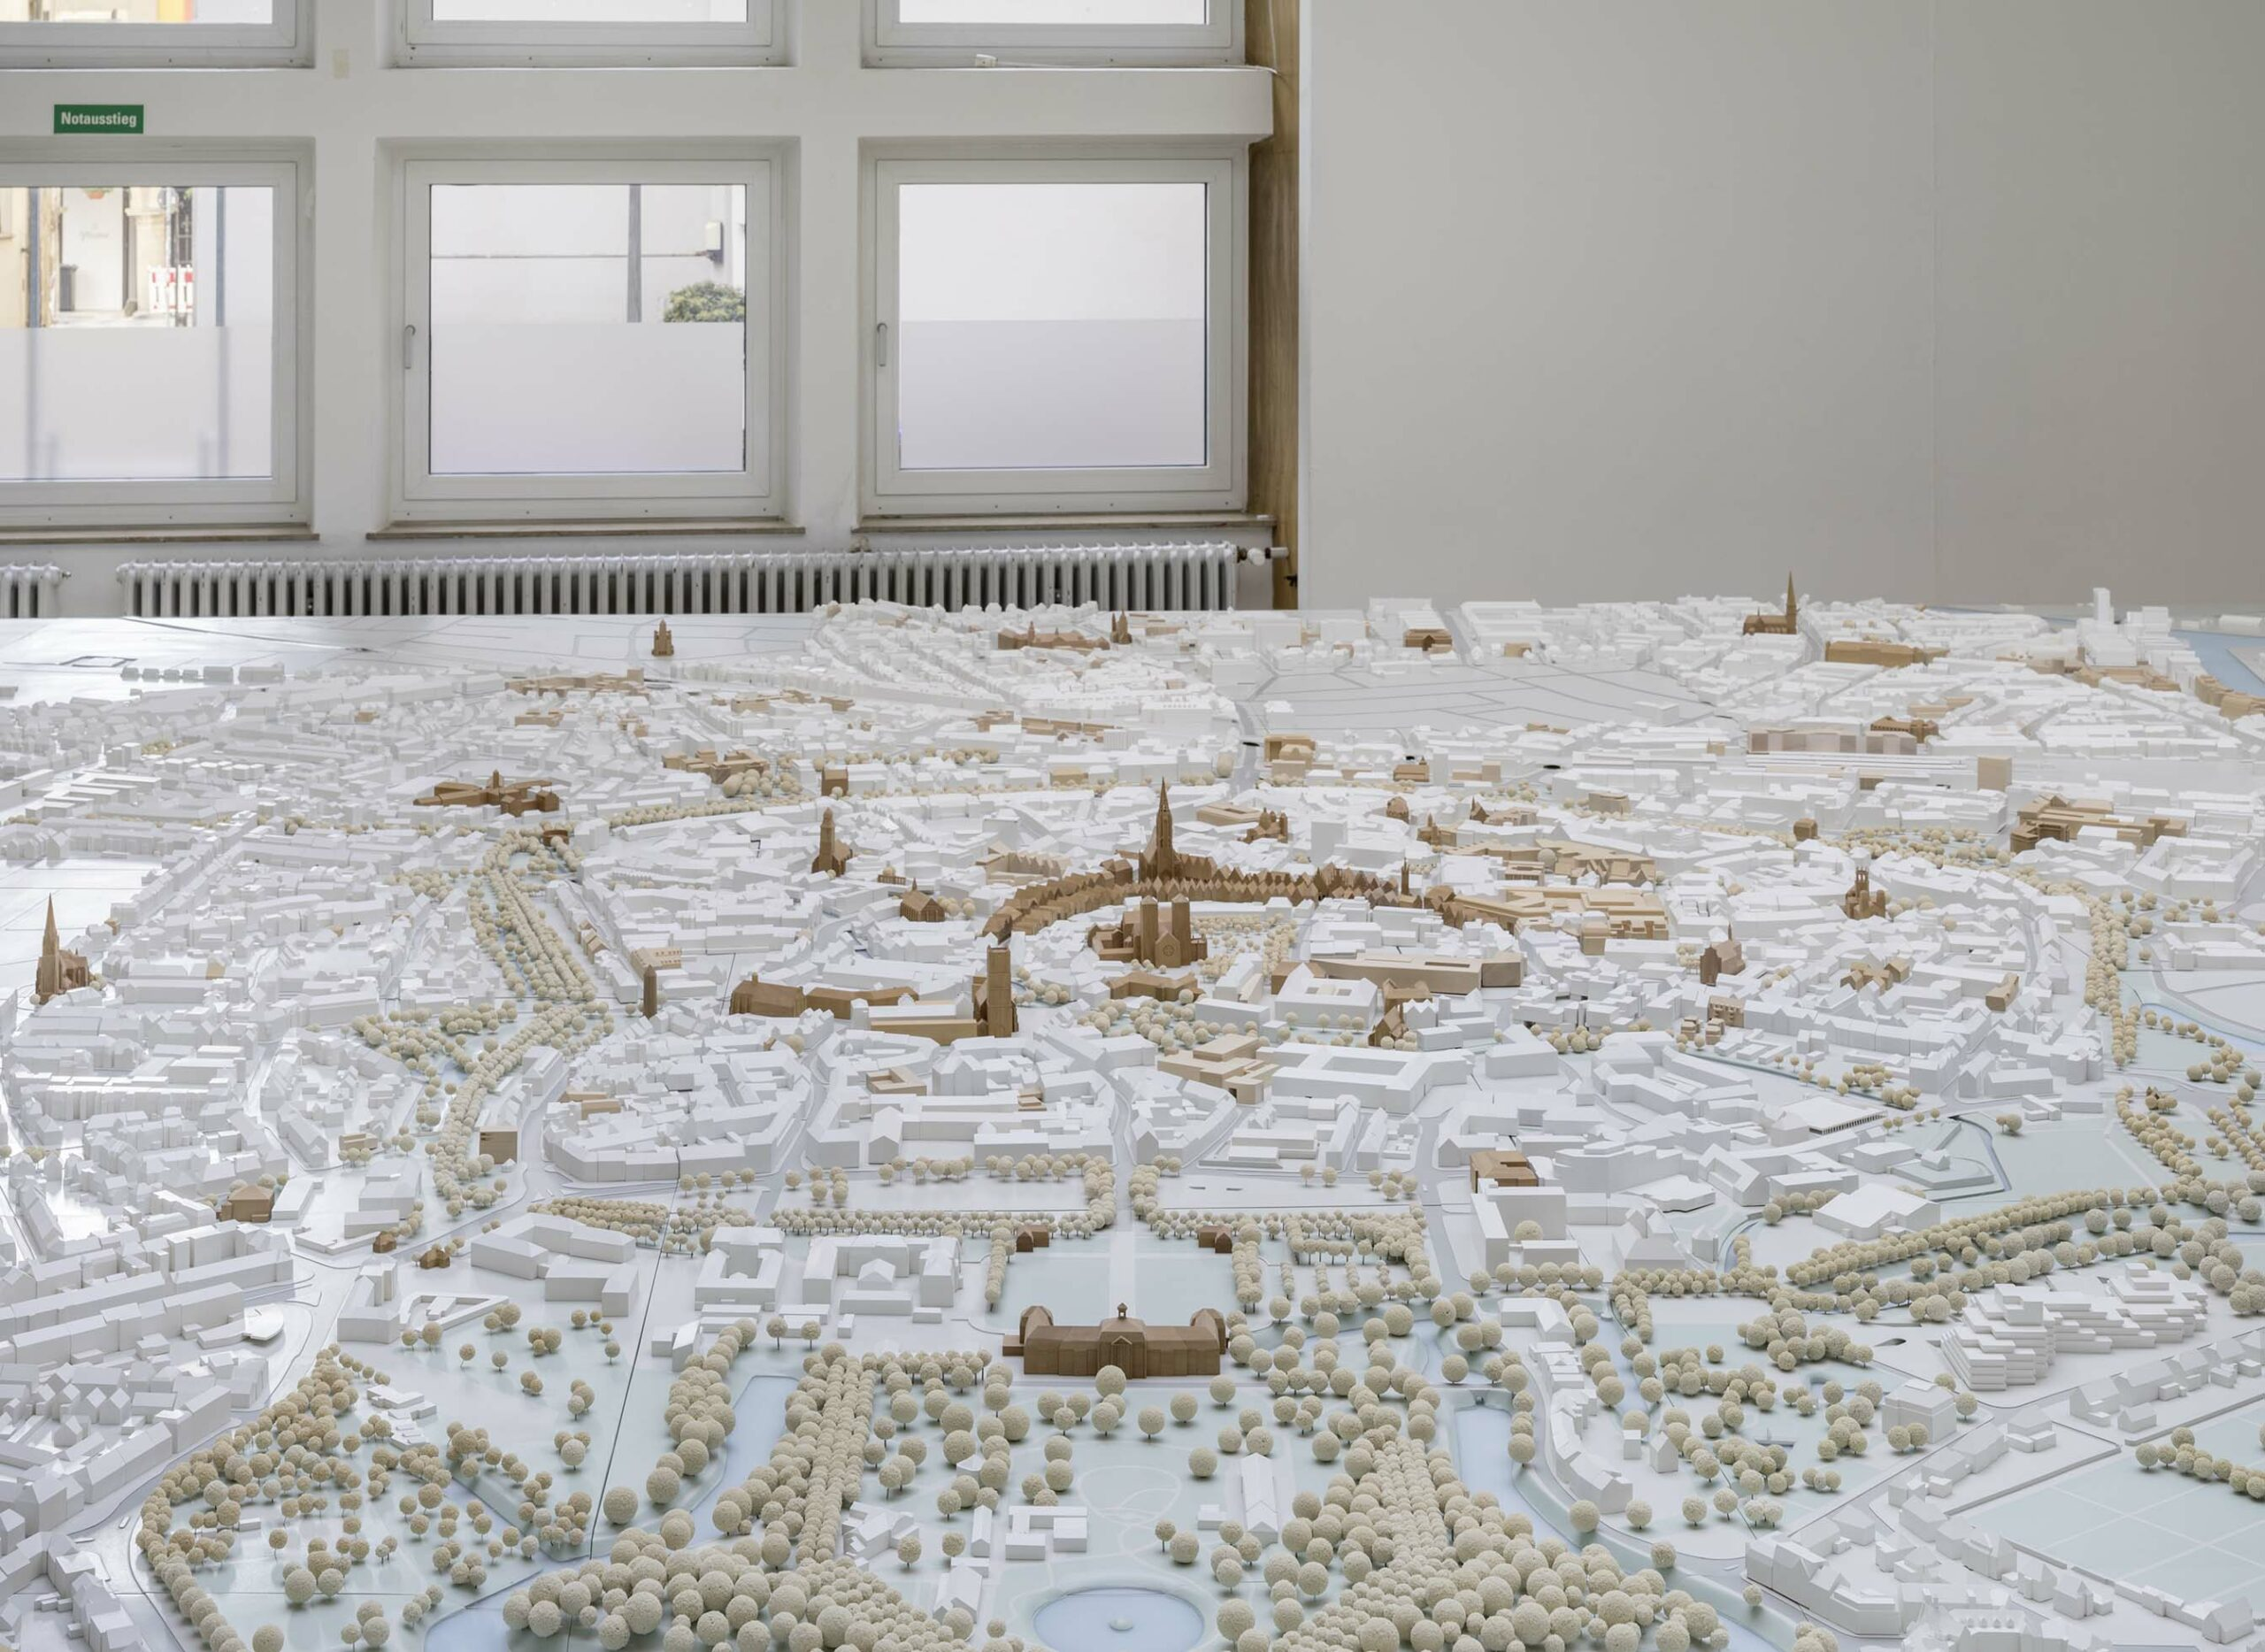 Münster Modell: Ausstellung Nr. 22 - Stadthaussaal, 2018 - Foto: Roland Borgmann